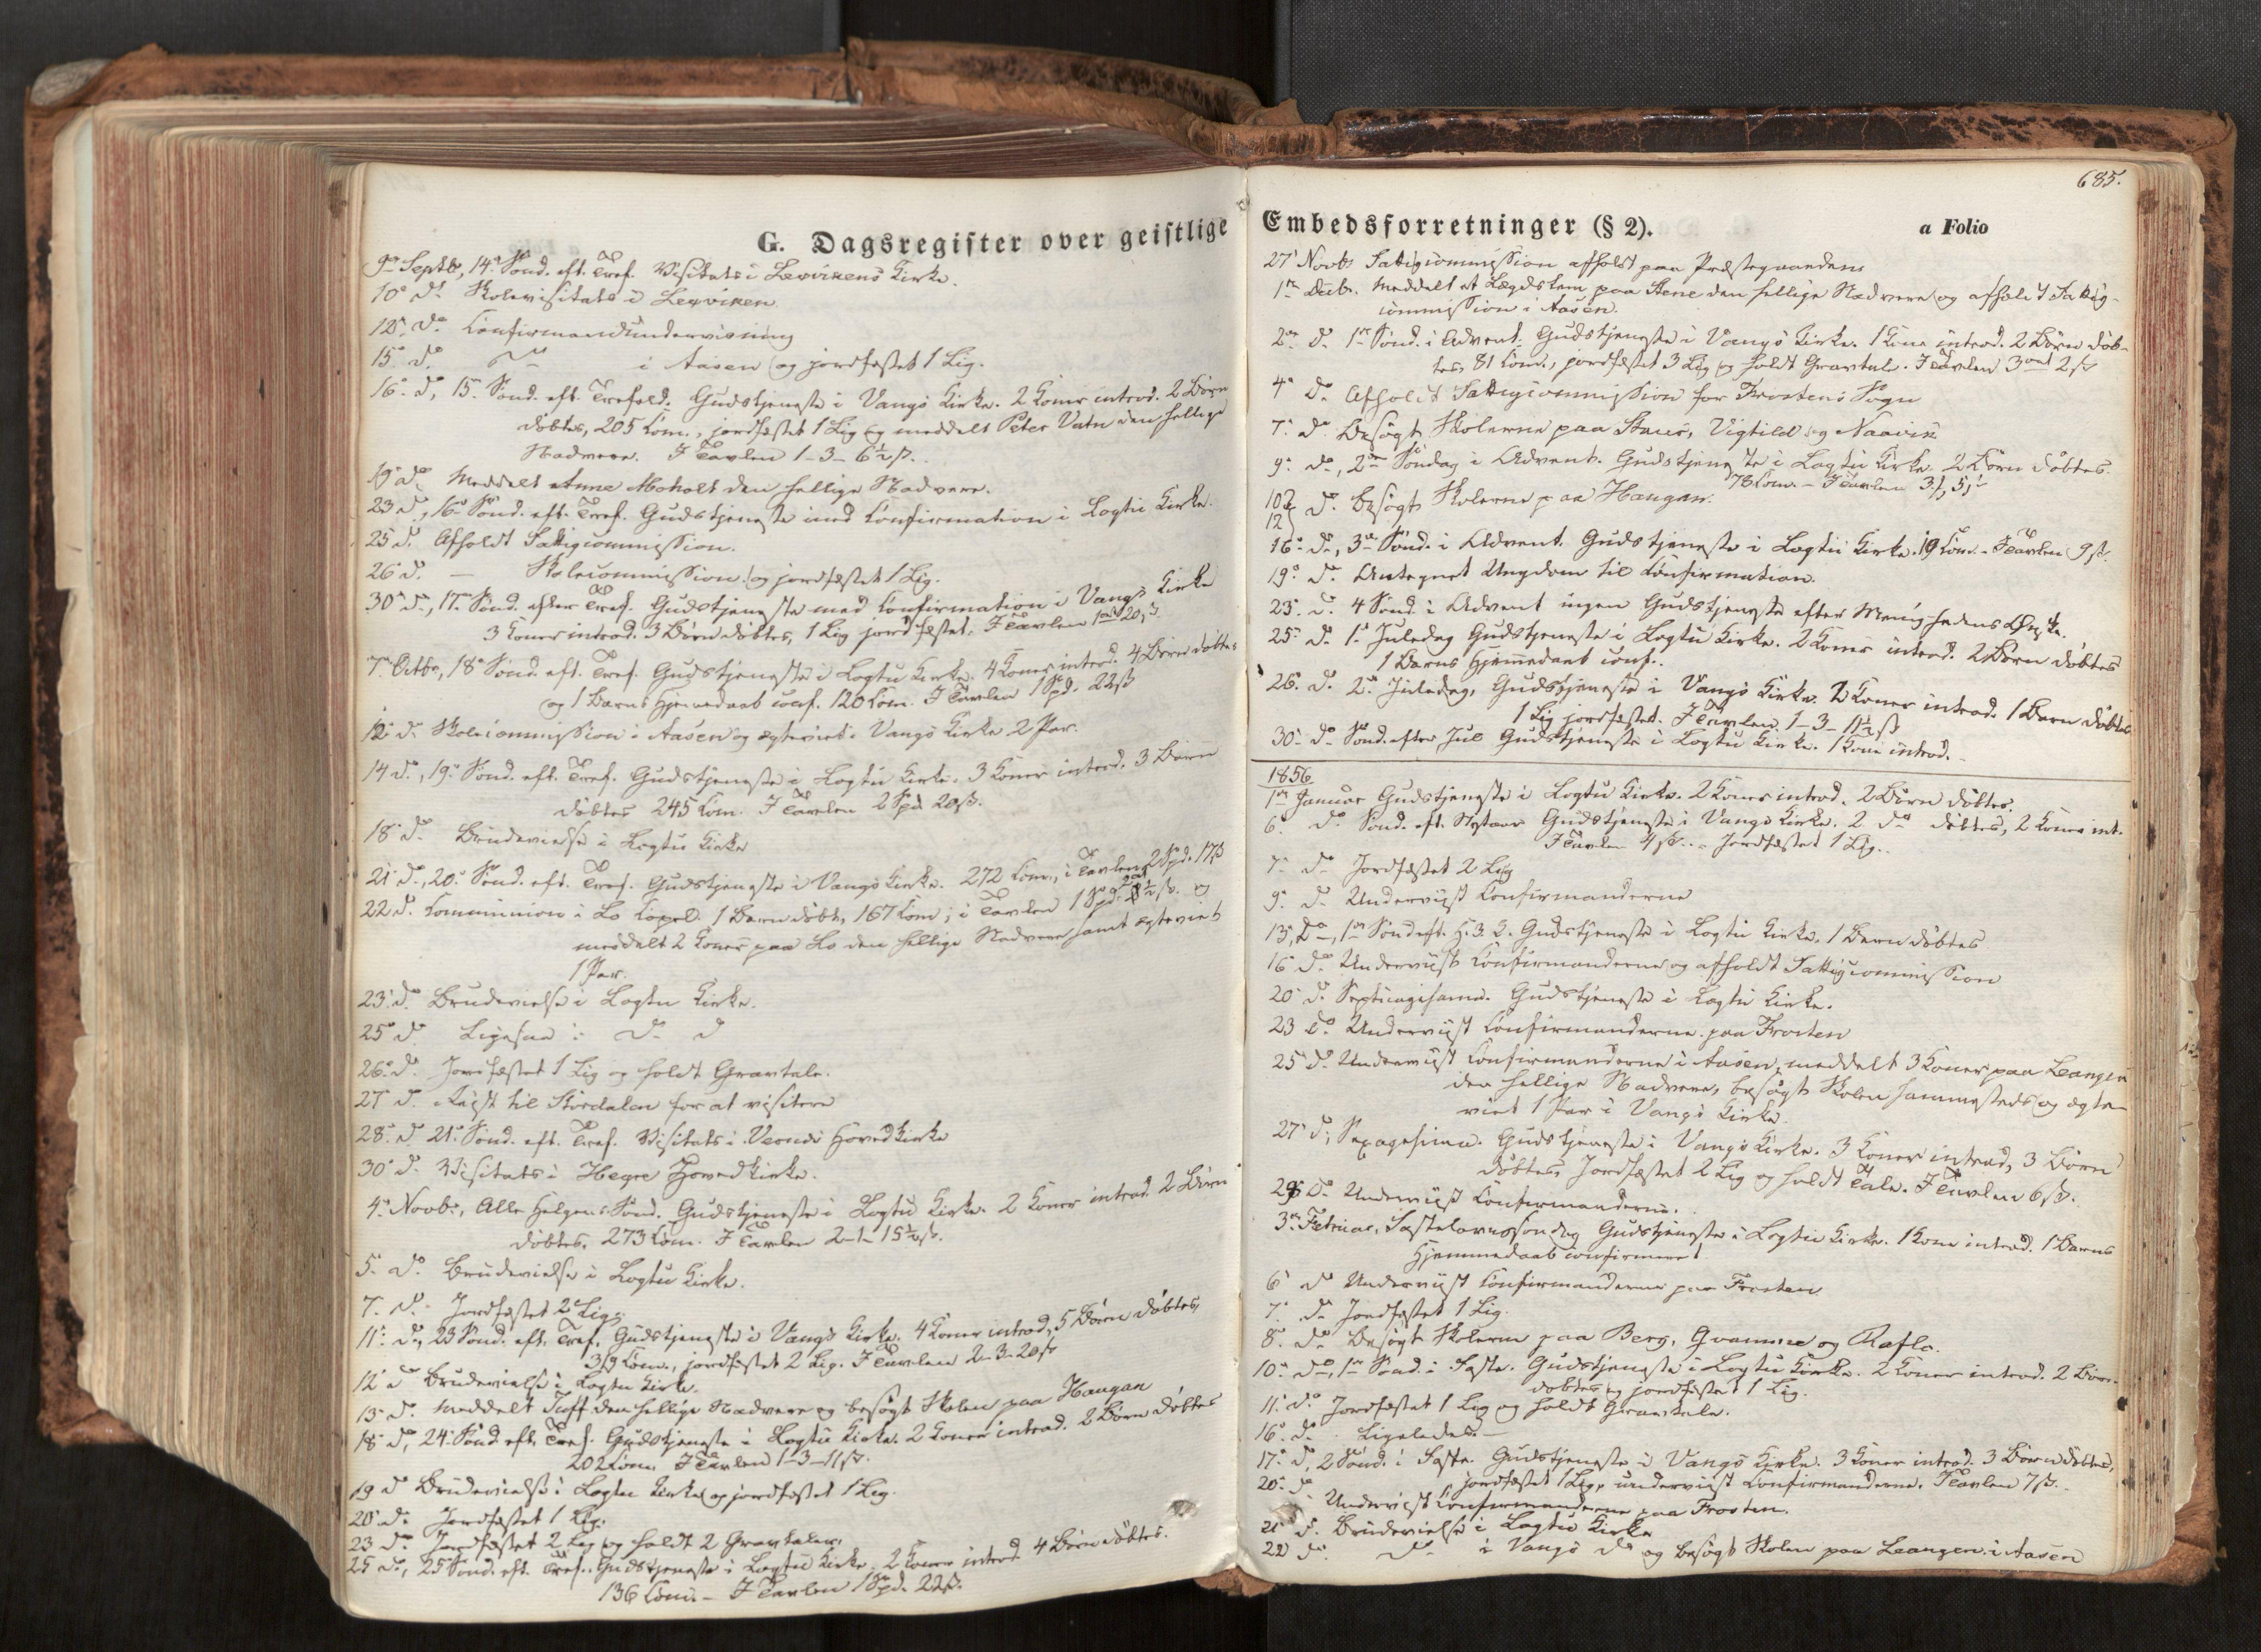 SAT, Ministerialprotokoller, klokkerbøker og fødselsregistre - Nord-Trøndelag, 713/L0116: Ministerialbok nr. 713A07, 1850-1877, s. 685